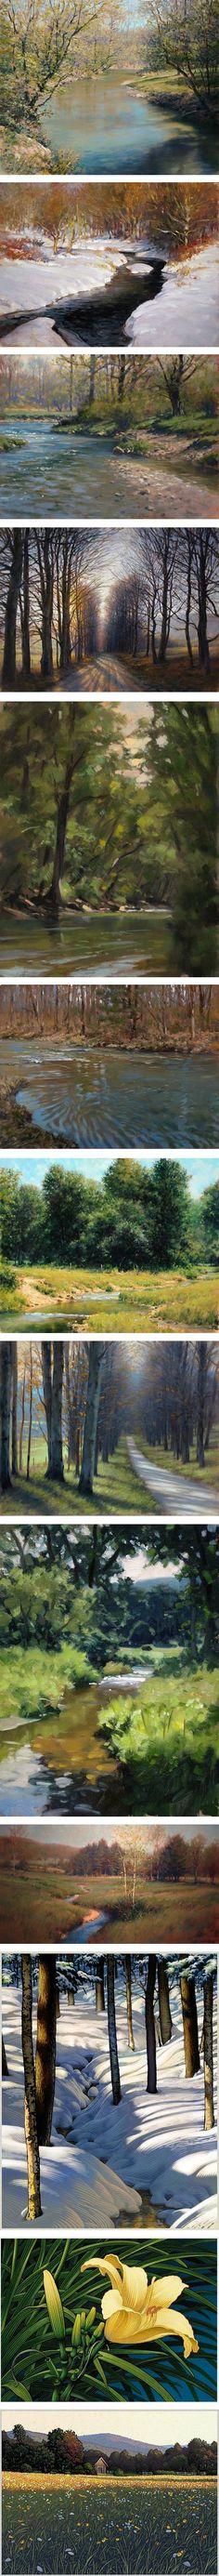 beautiful paintings new england john macdonald